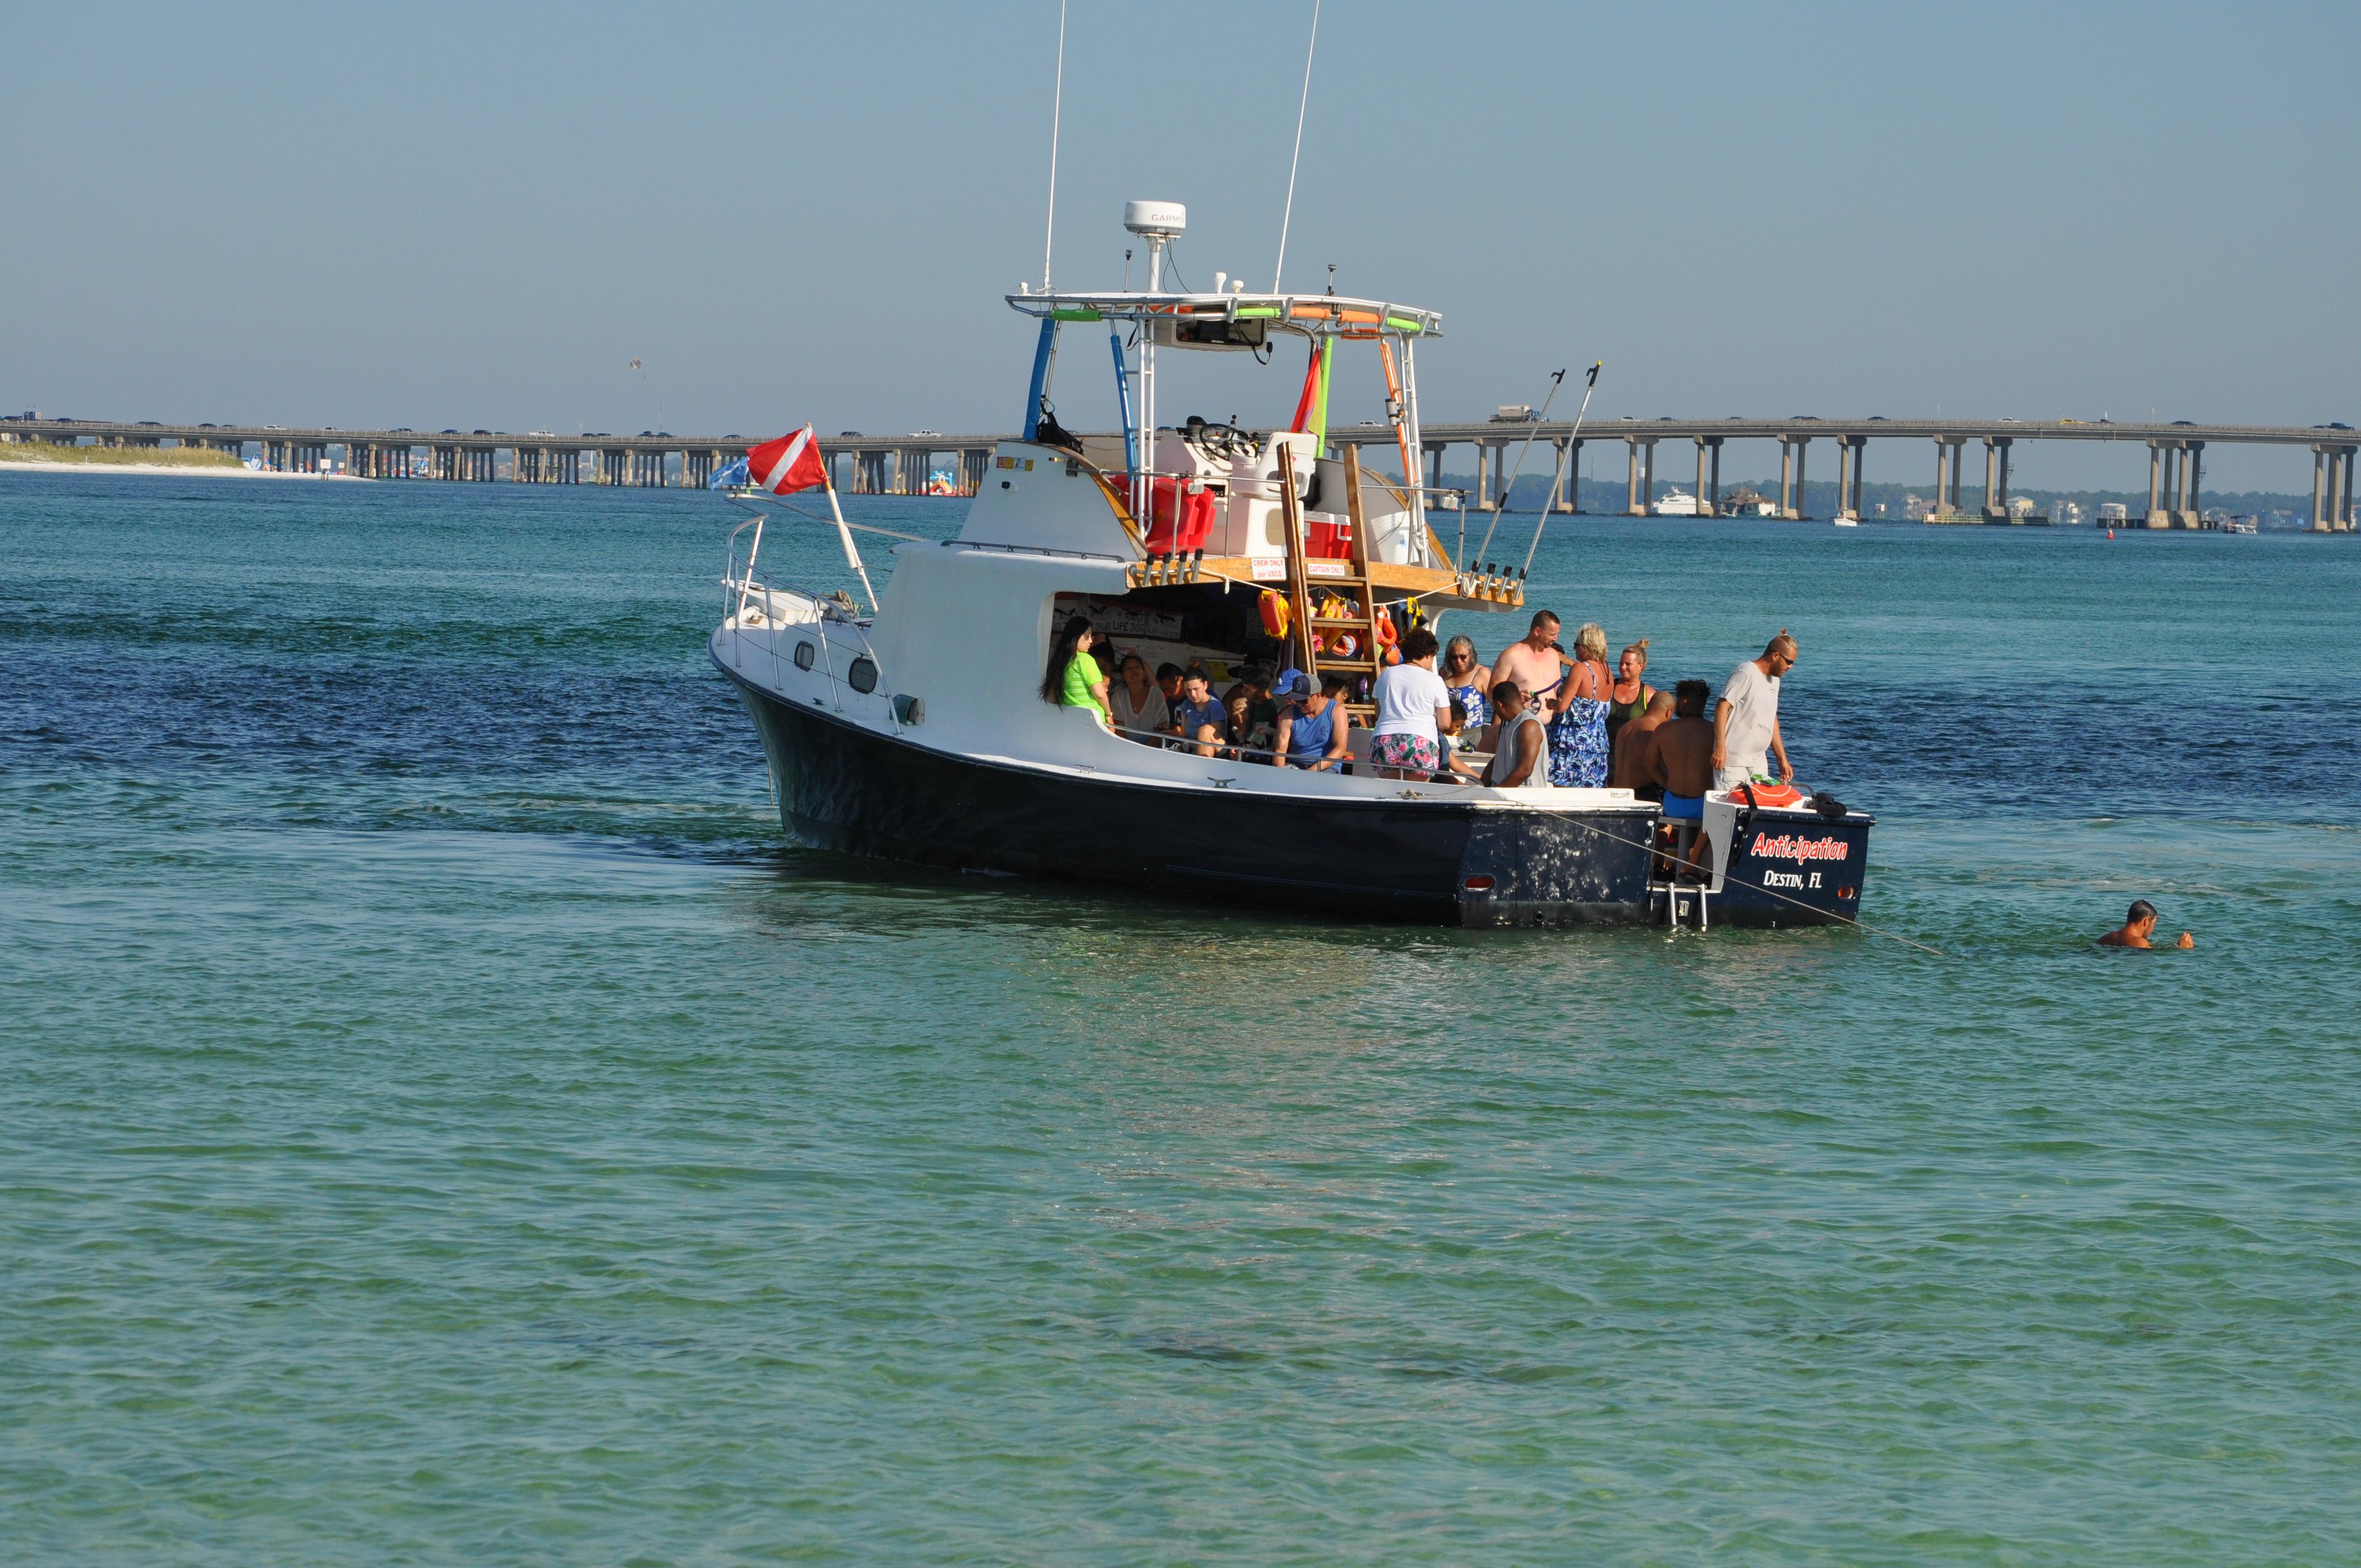 snorkel excursion in Destin Jetty